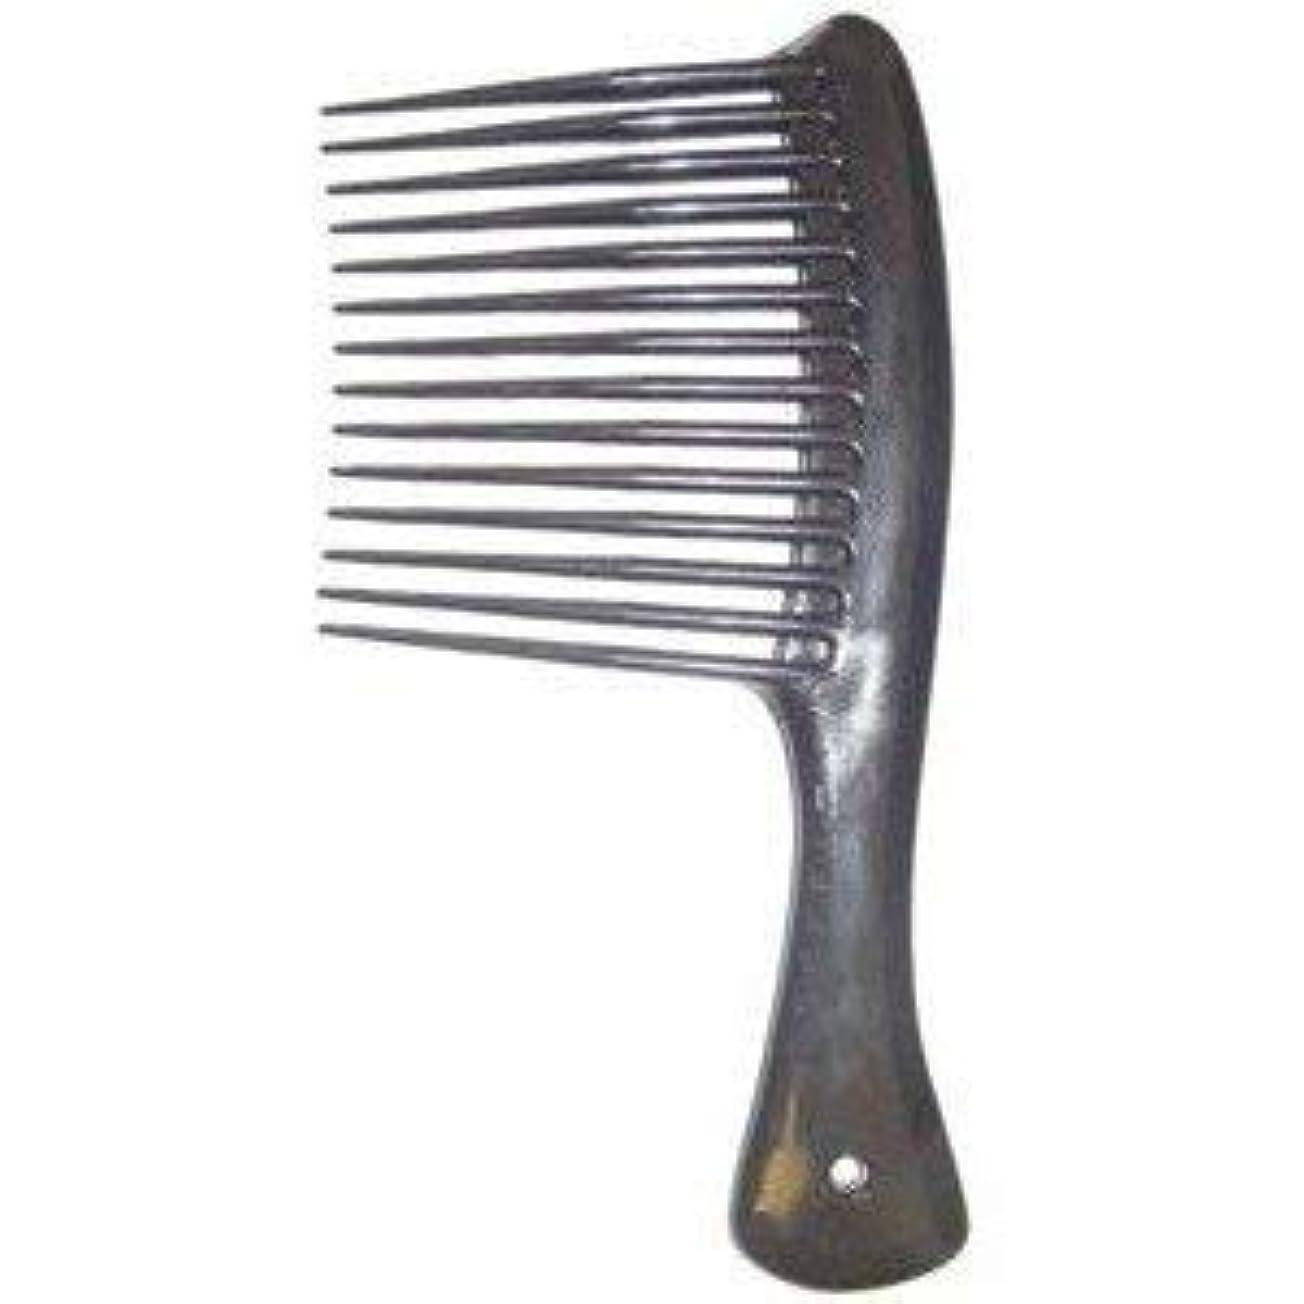 要求する里親逸脱Large Tooth Shampoo Detangling Comb Rack Hair Comb (Black) [並行輸入品]